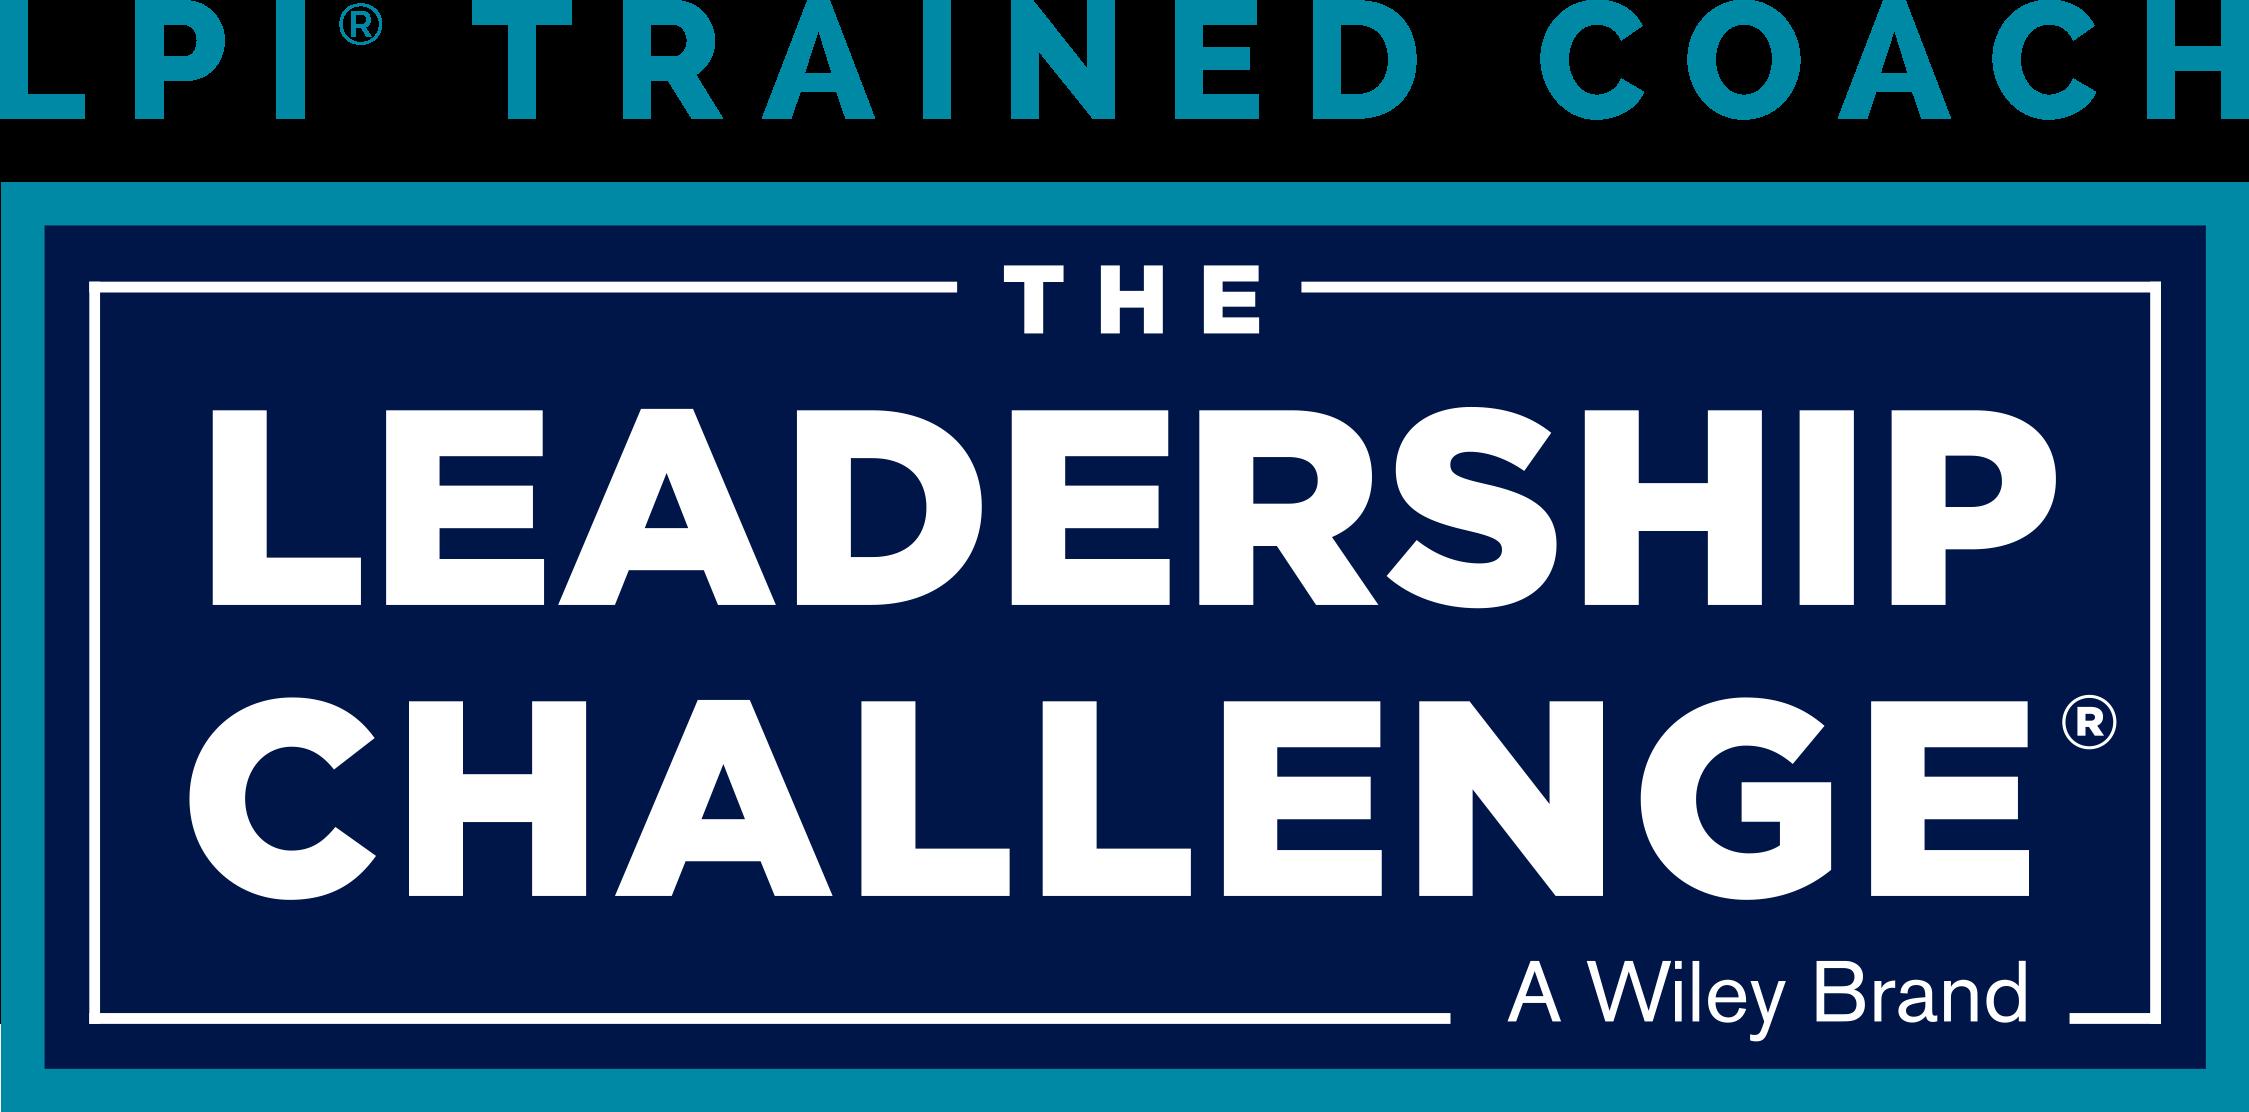 TLC_LPI-Trained-Coach_logo_071017a-cmyk